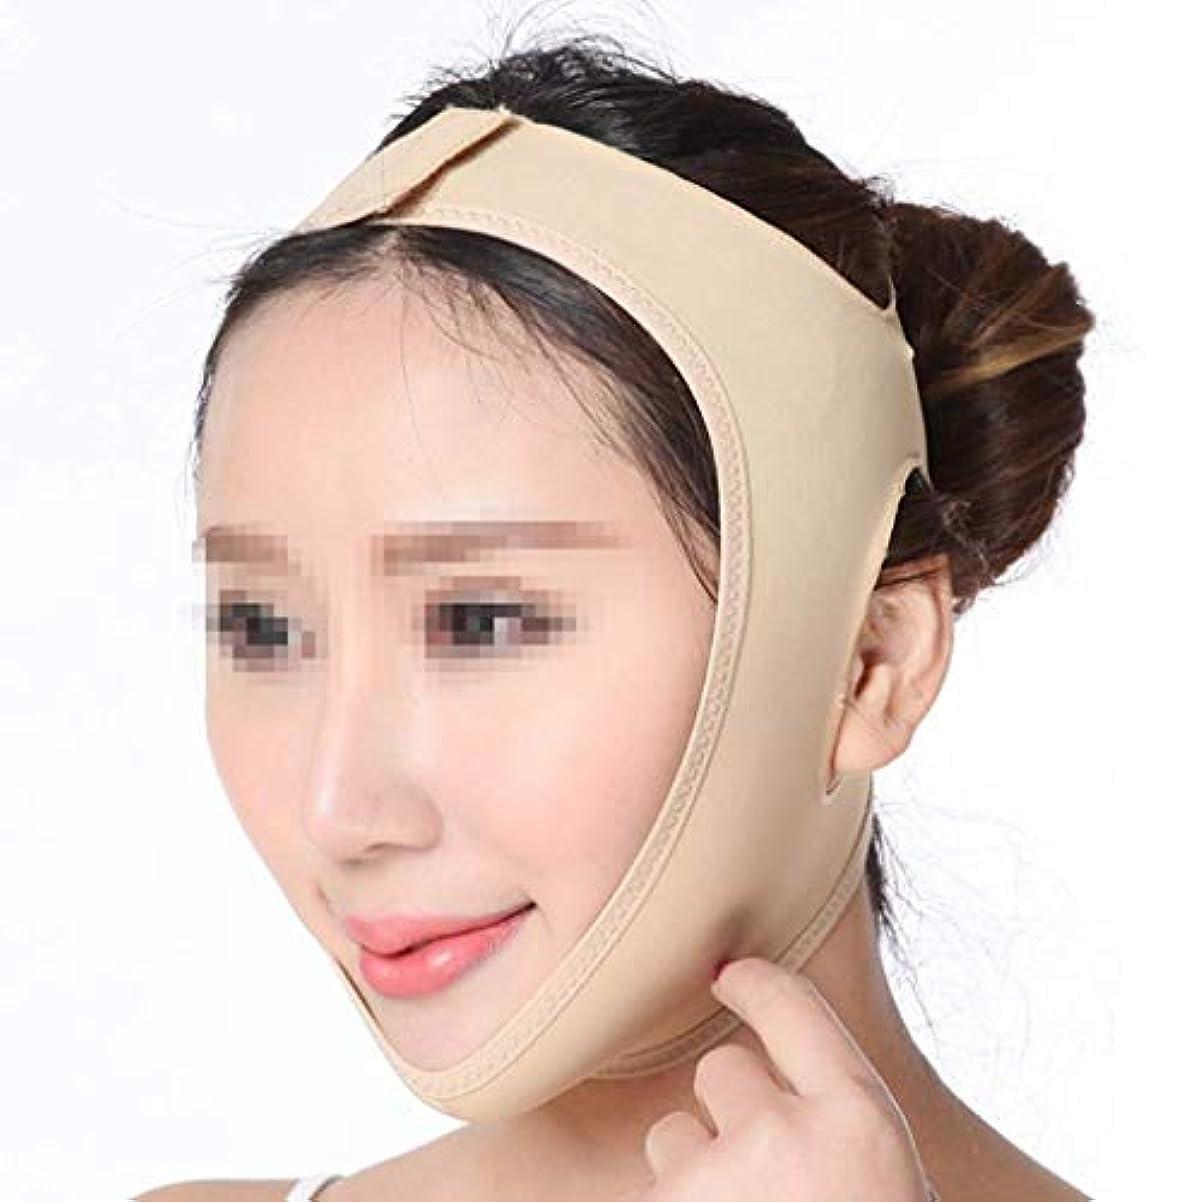 未知の現象拮抗するフェイスリフティング包帯、Vフェイスシンフェイスマスクフェイスリフティング包帯リフティングVフェイスマスク(サイズ:S)